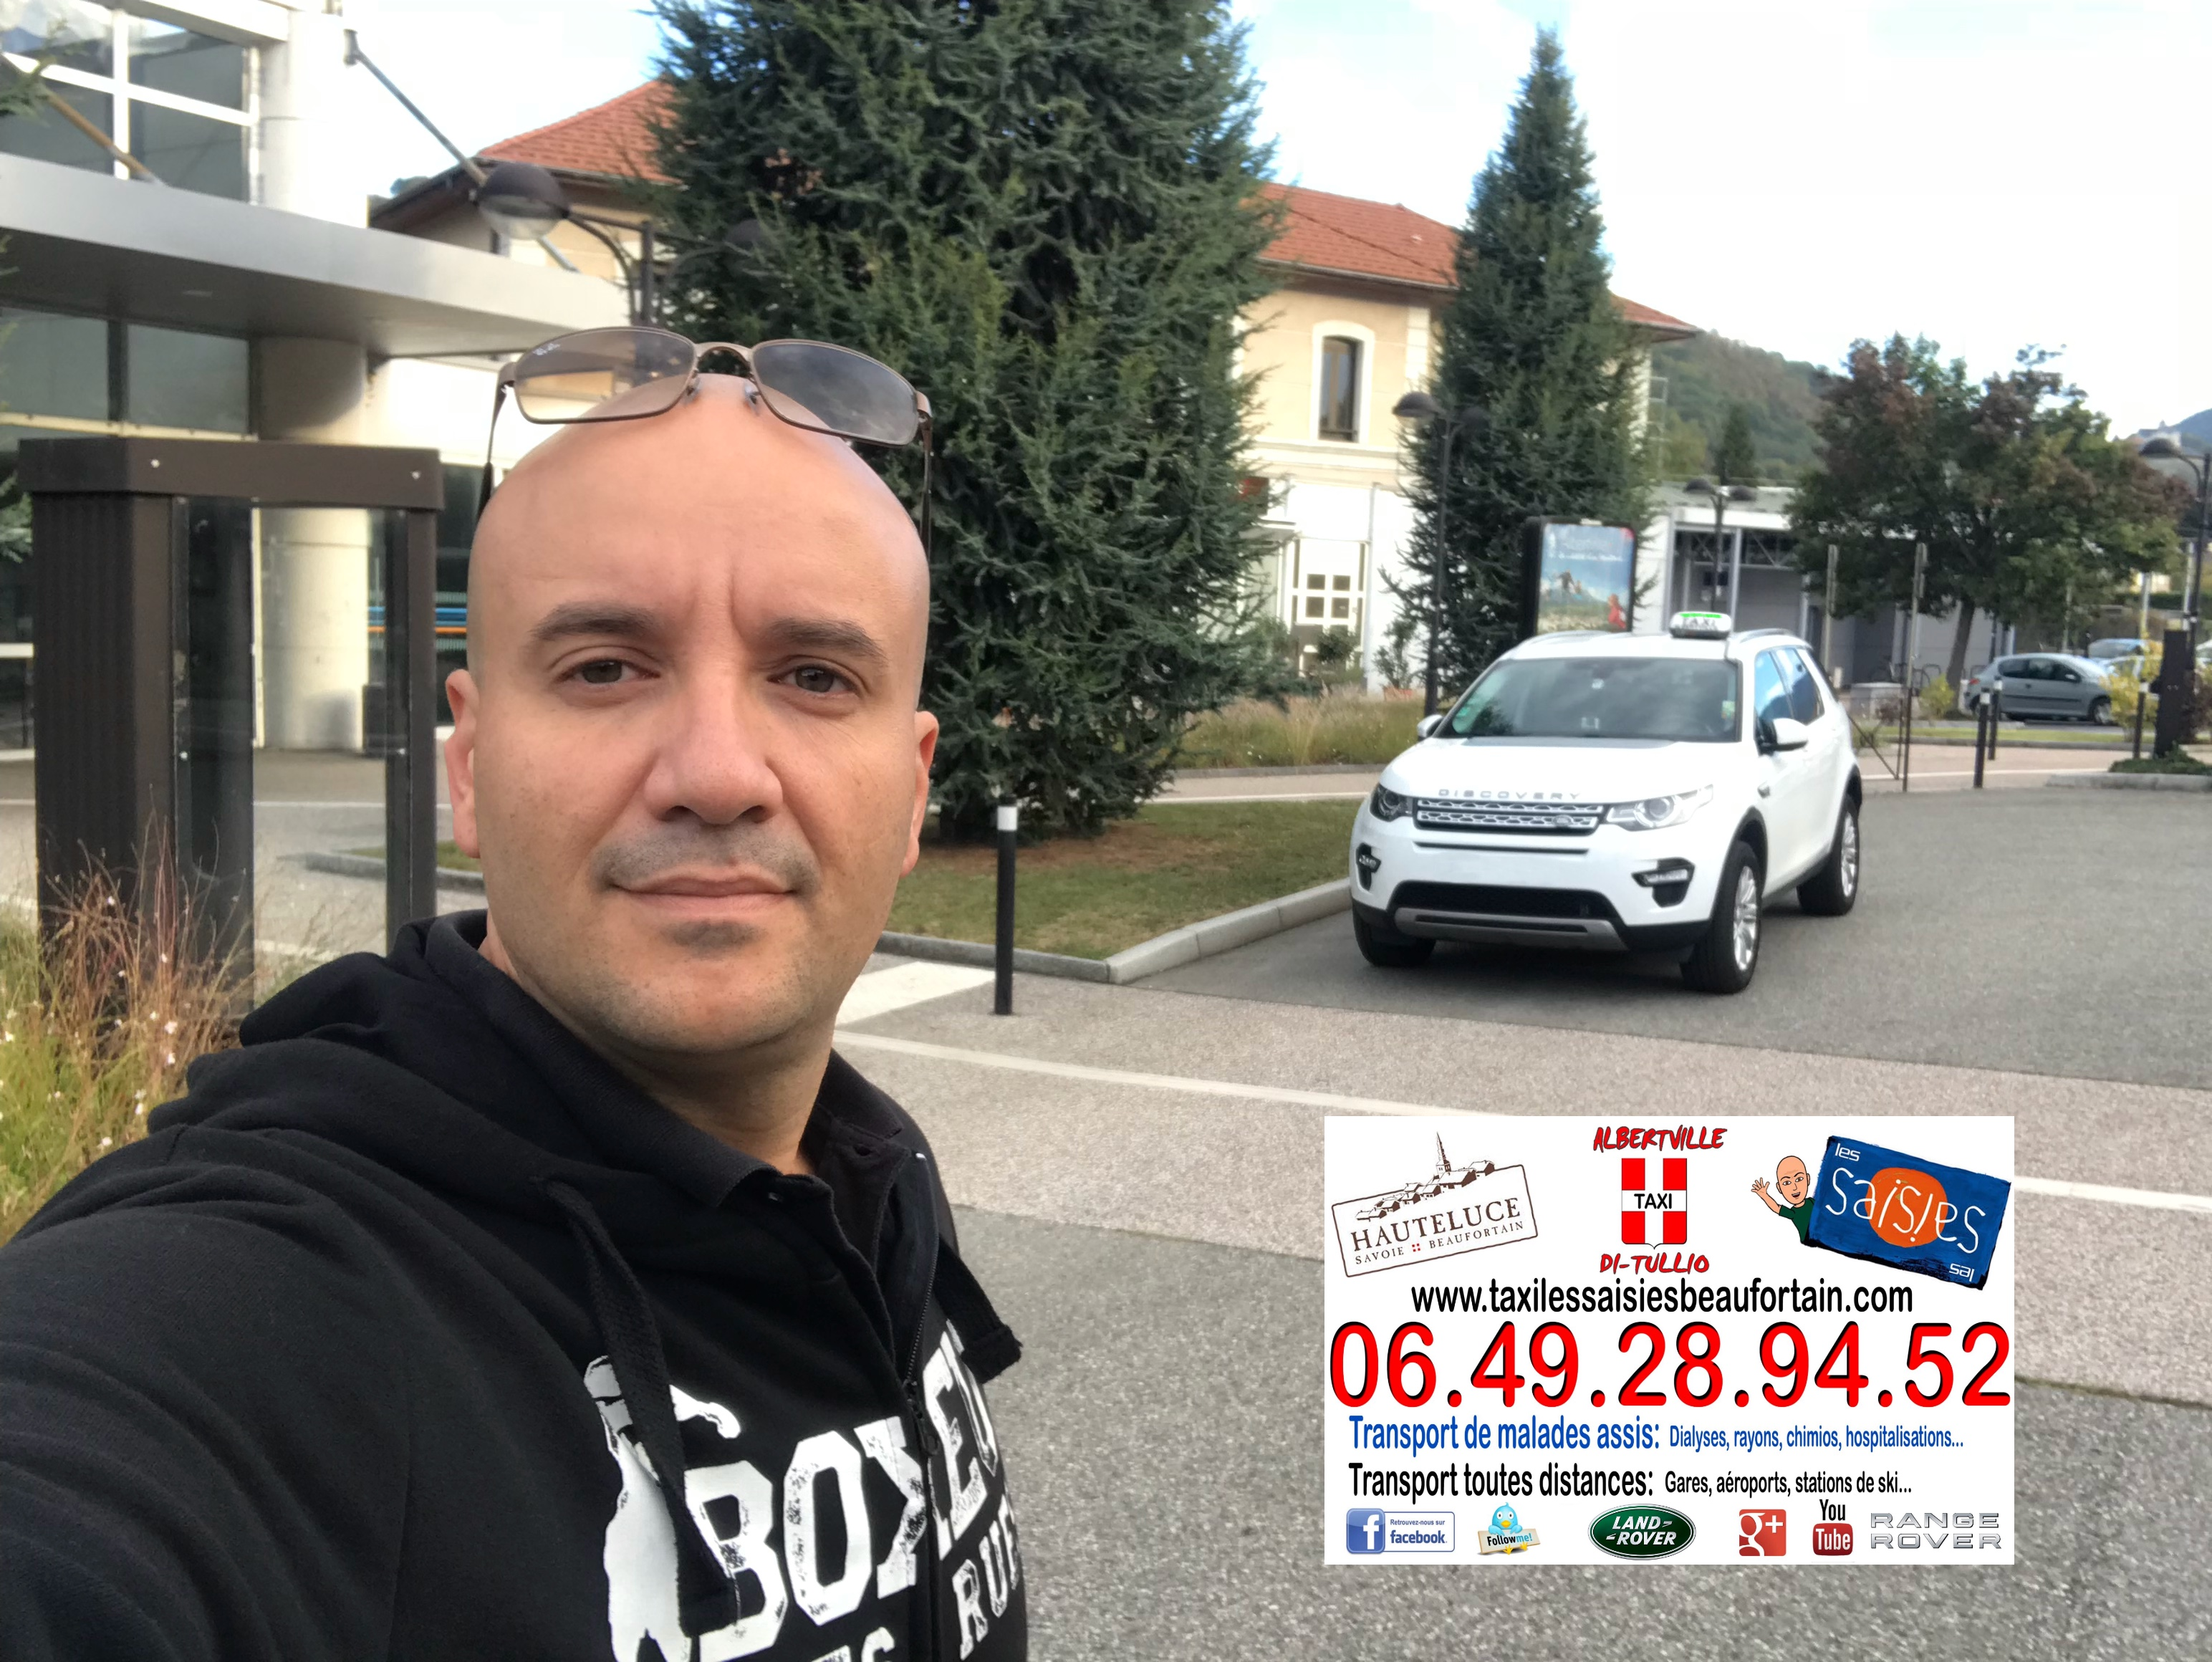 Taxi Gare Albertville Di Tullio